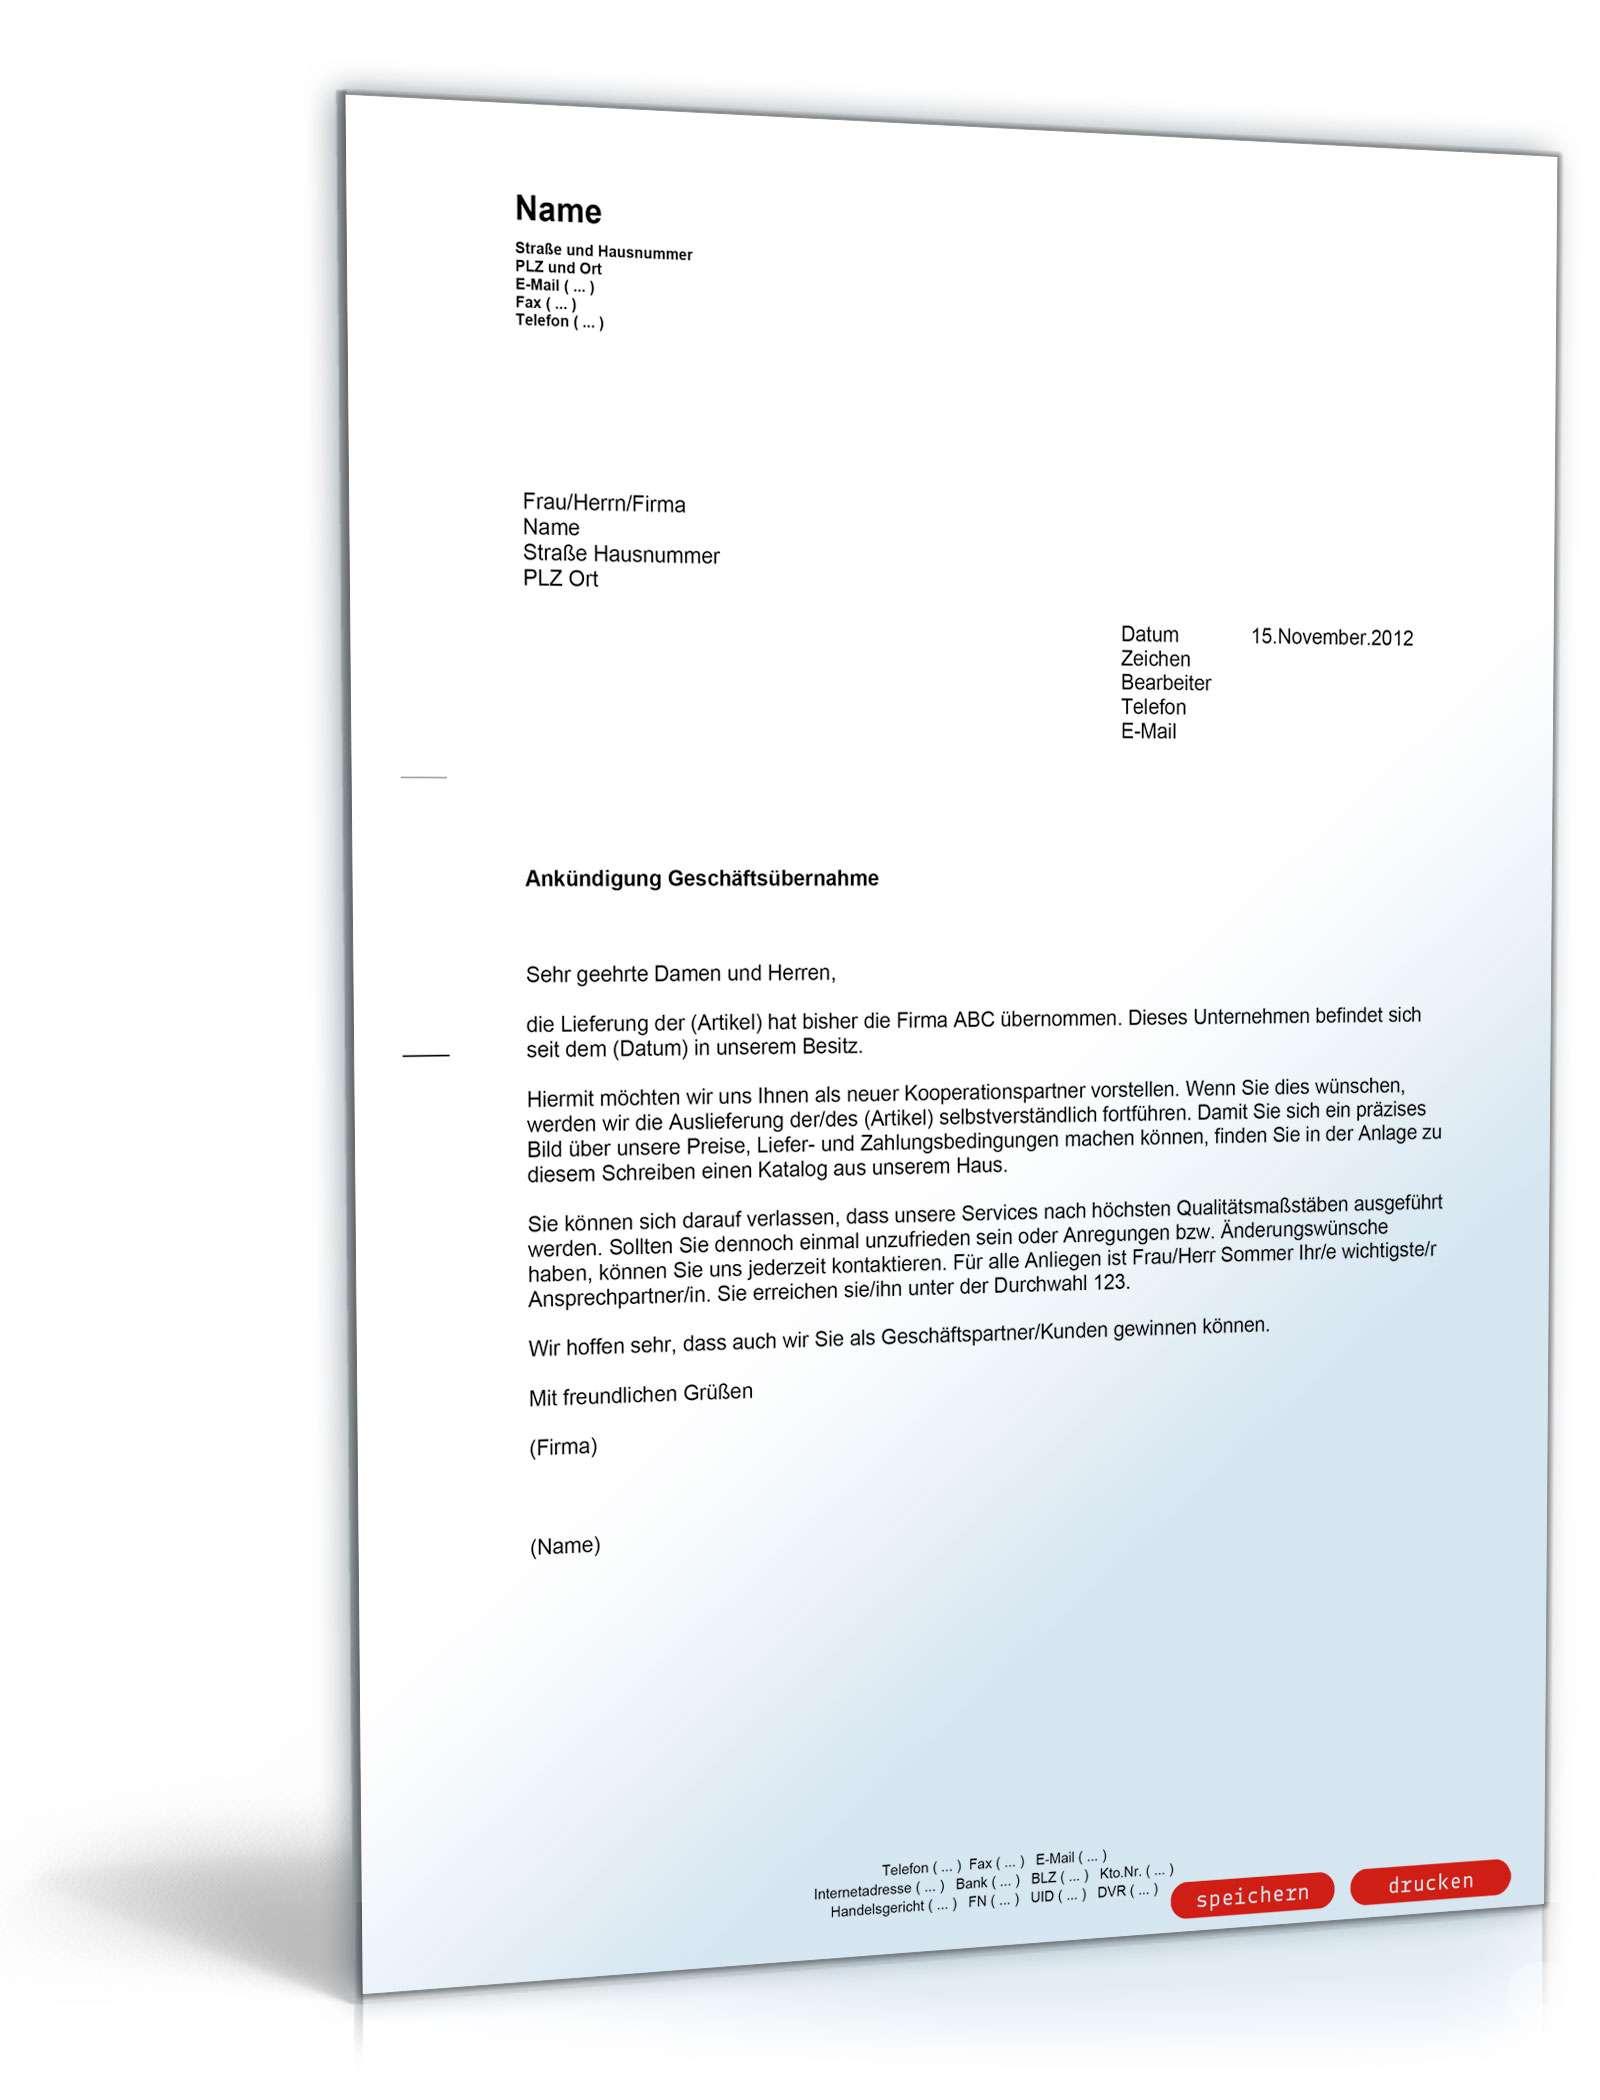 Ankundigung Geschaftsubernahme Muster Vorlage Zum Download